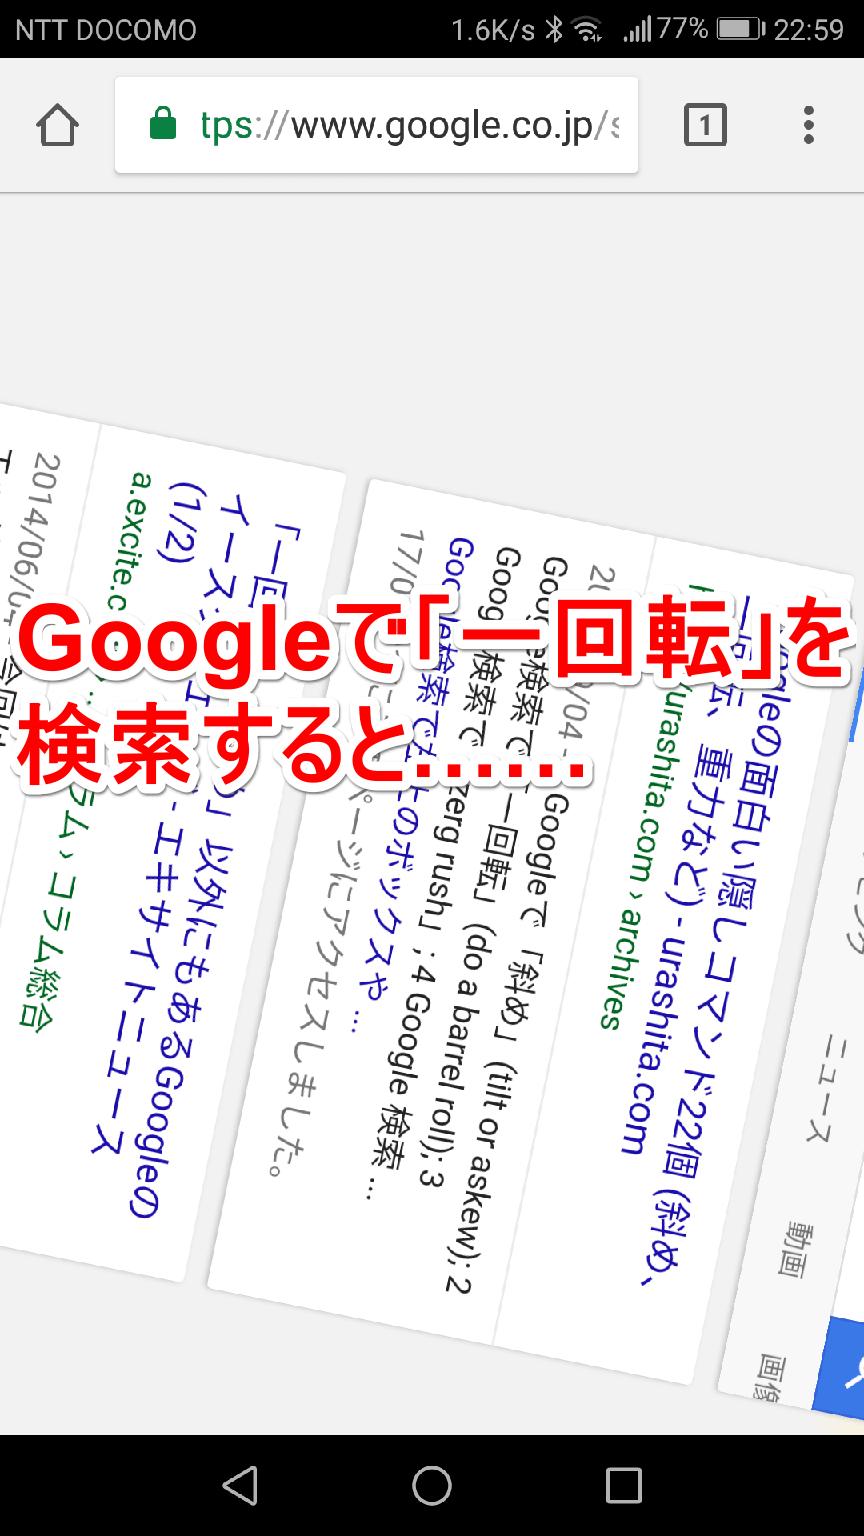 グーグルで「一回転」を検索した結果